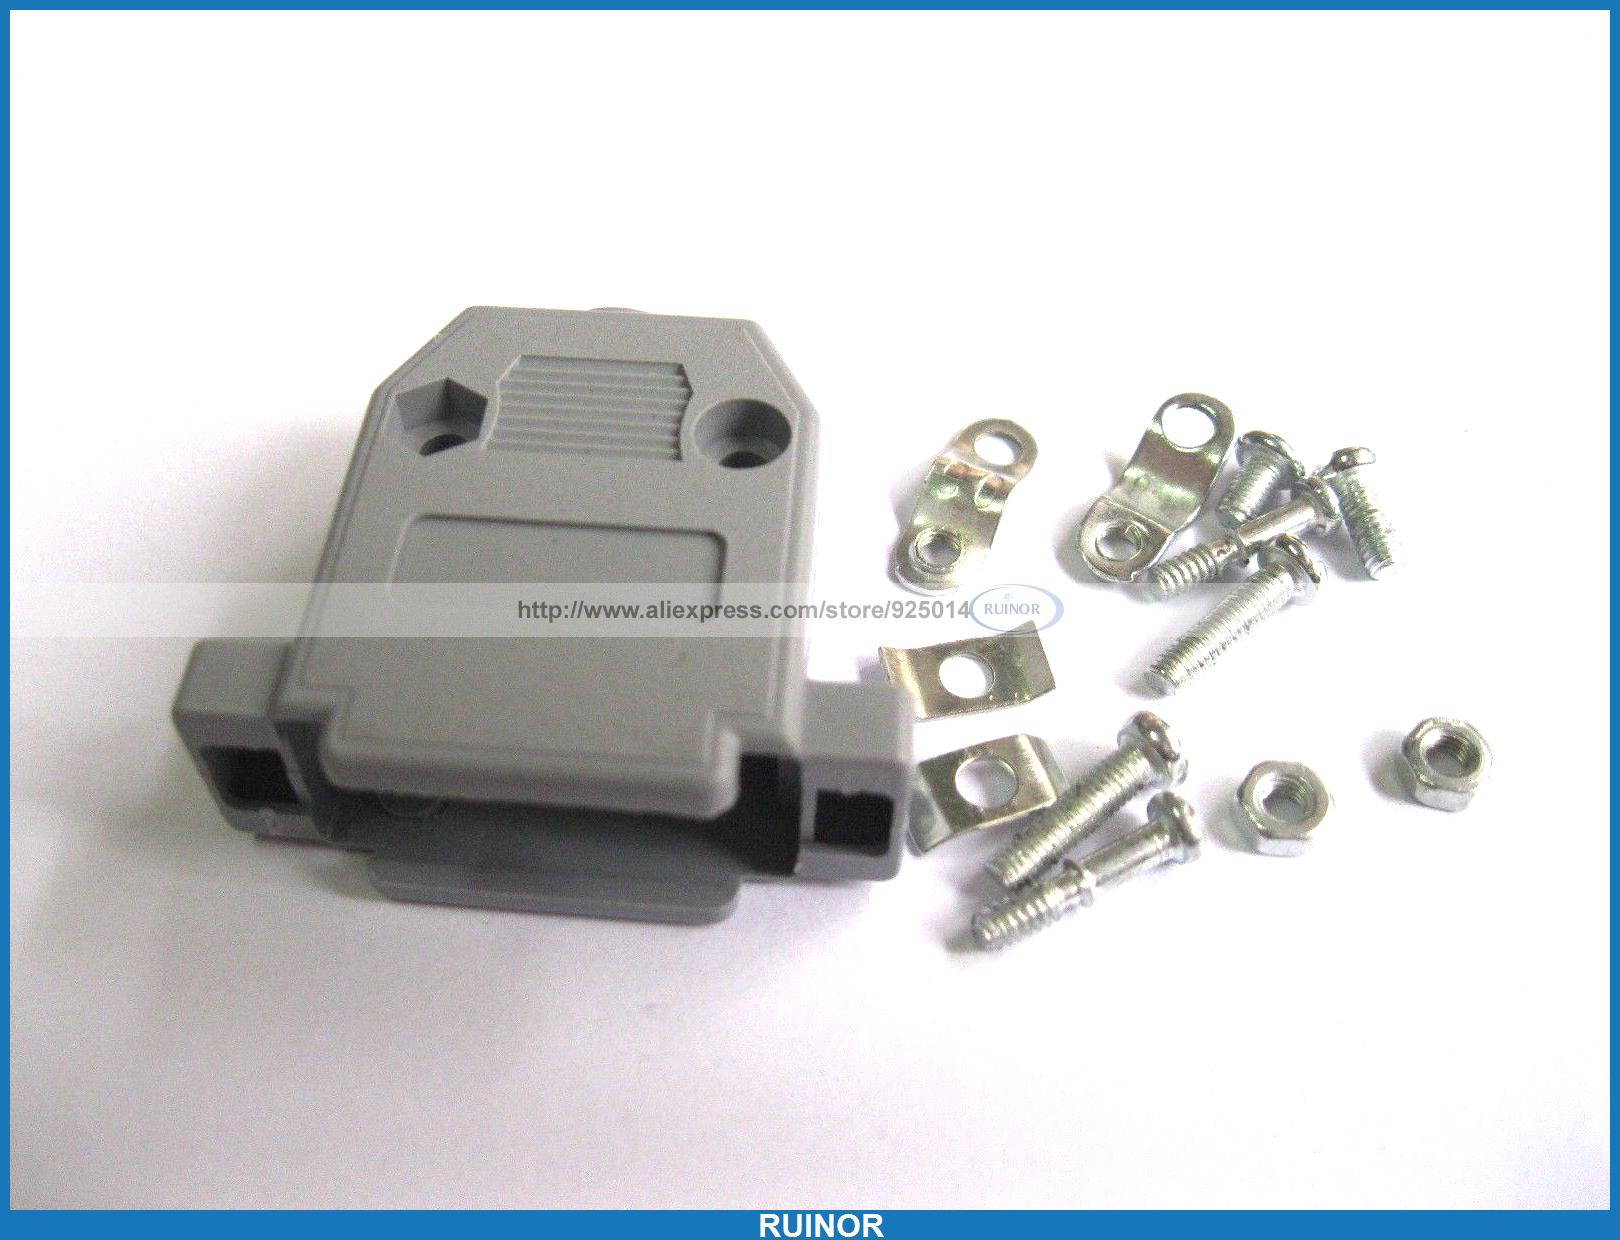 غطاء غطاء محرك السيارة ، 20 قطعة ، D ، لـ 15 دبوس ، 2 صف ، DIP D ، استخدام فرعي